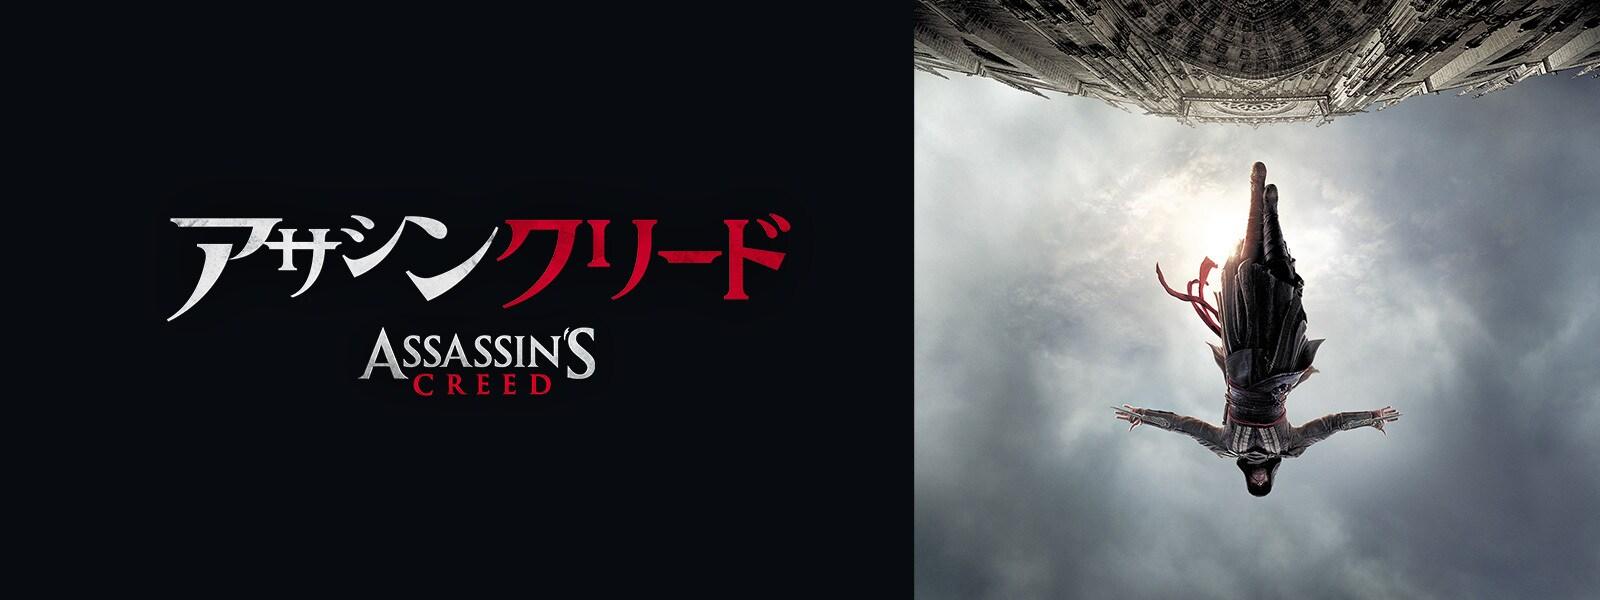 アサシン クリード Assassin's Creed Hero